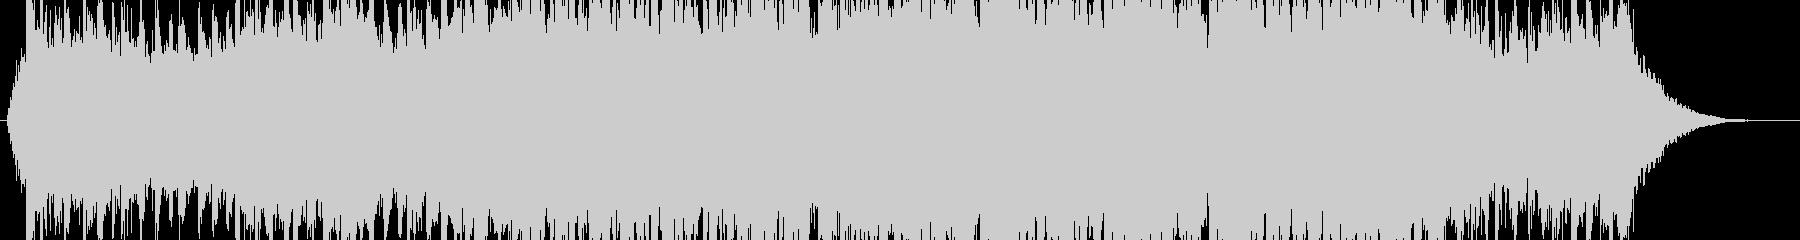 3拍子の物々しい壮大なBGMの未再生の波形